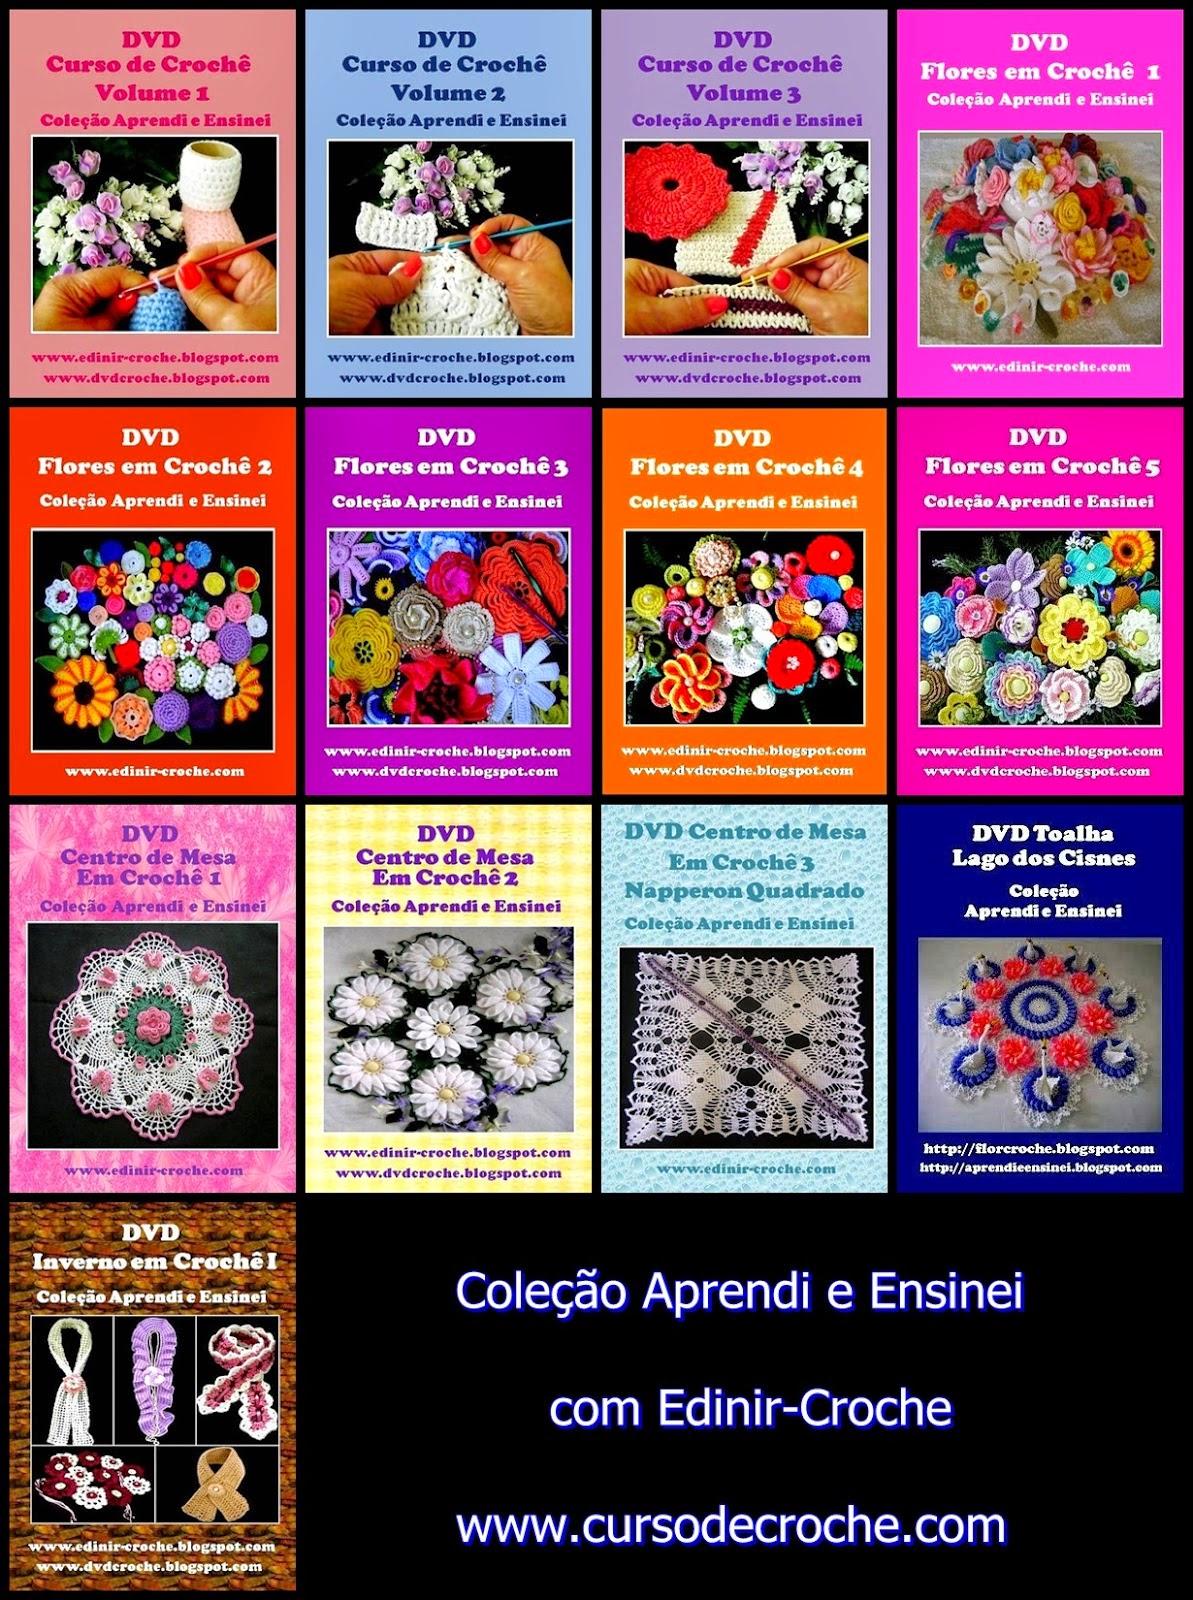 aprender croche dvd video-aulas coleção frete gratis edinir-croche na loja curso de croche